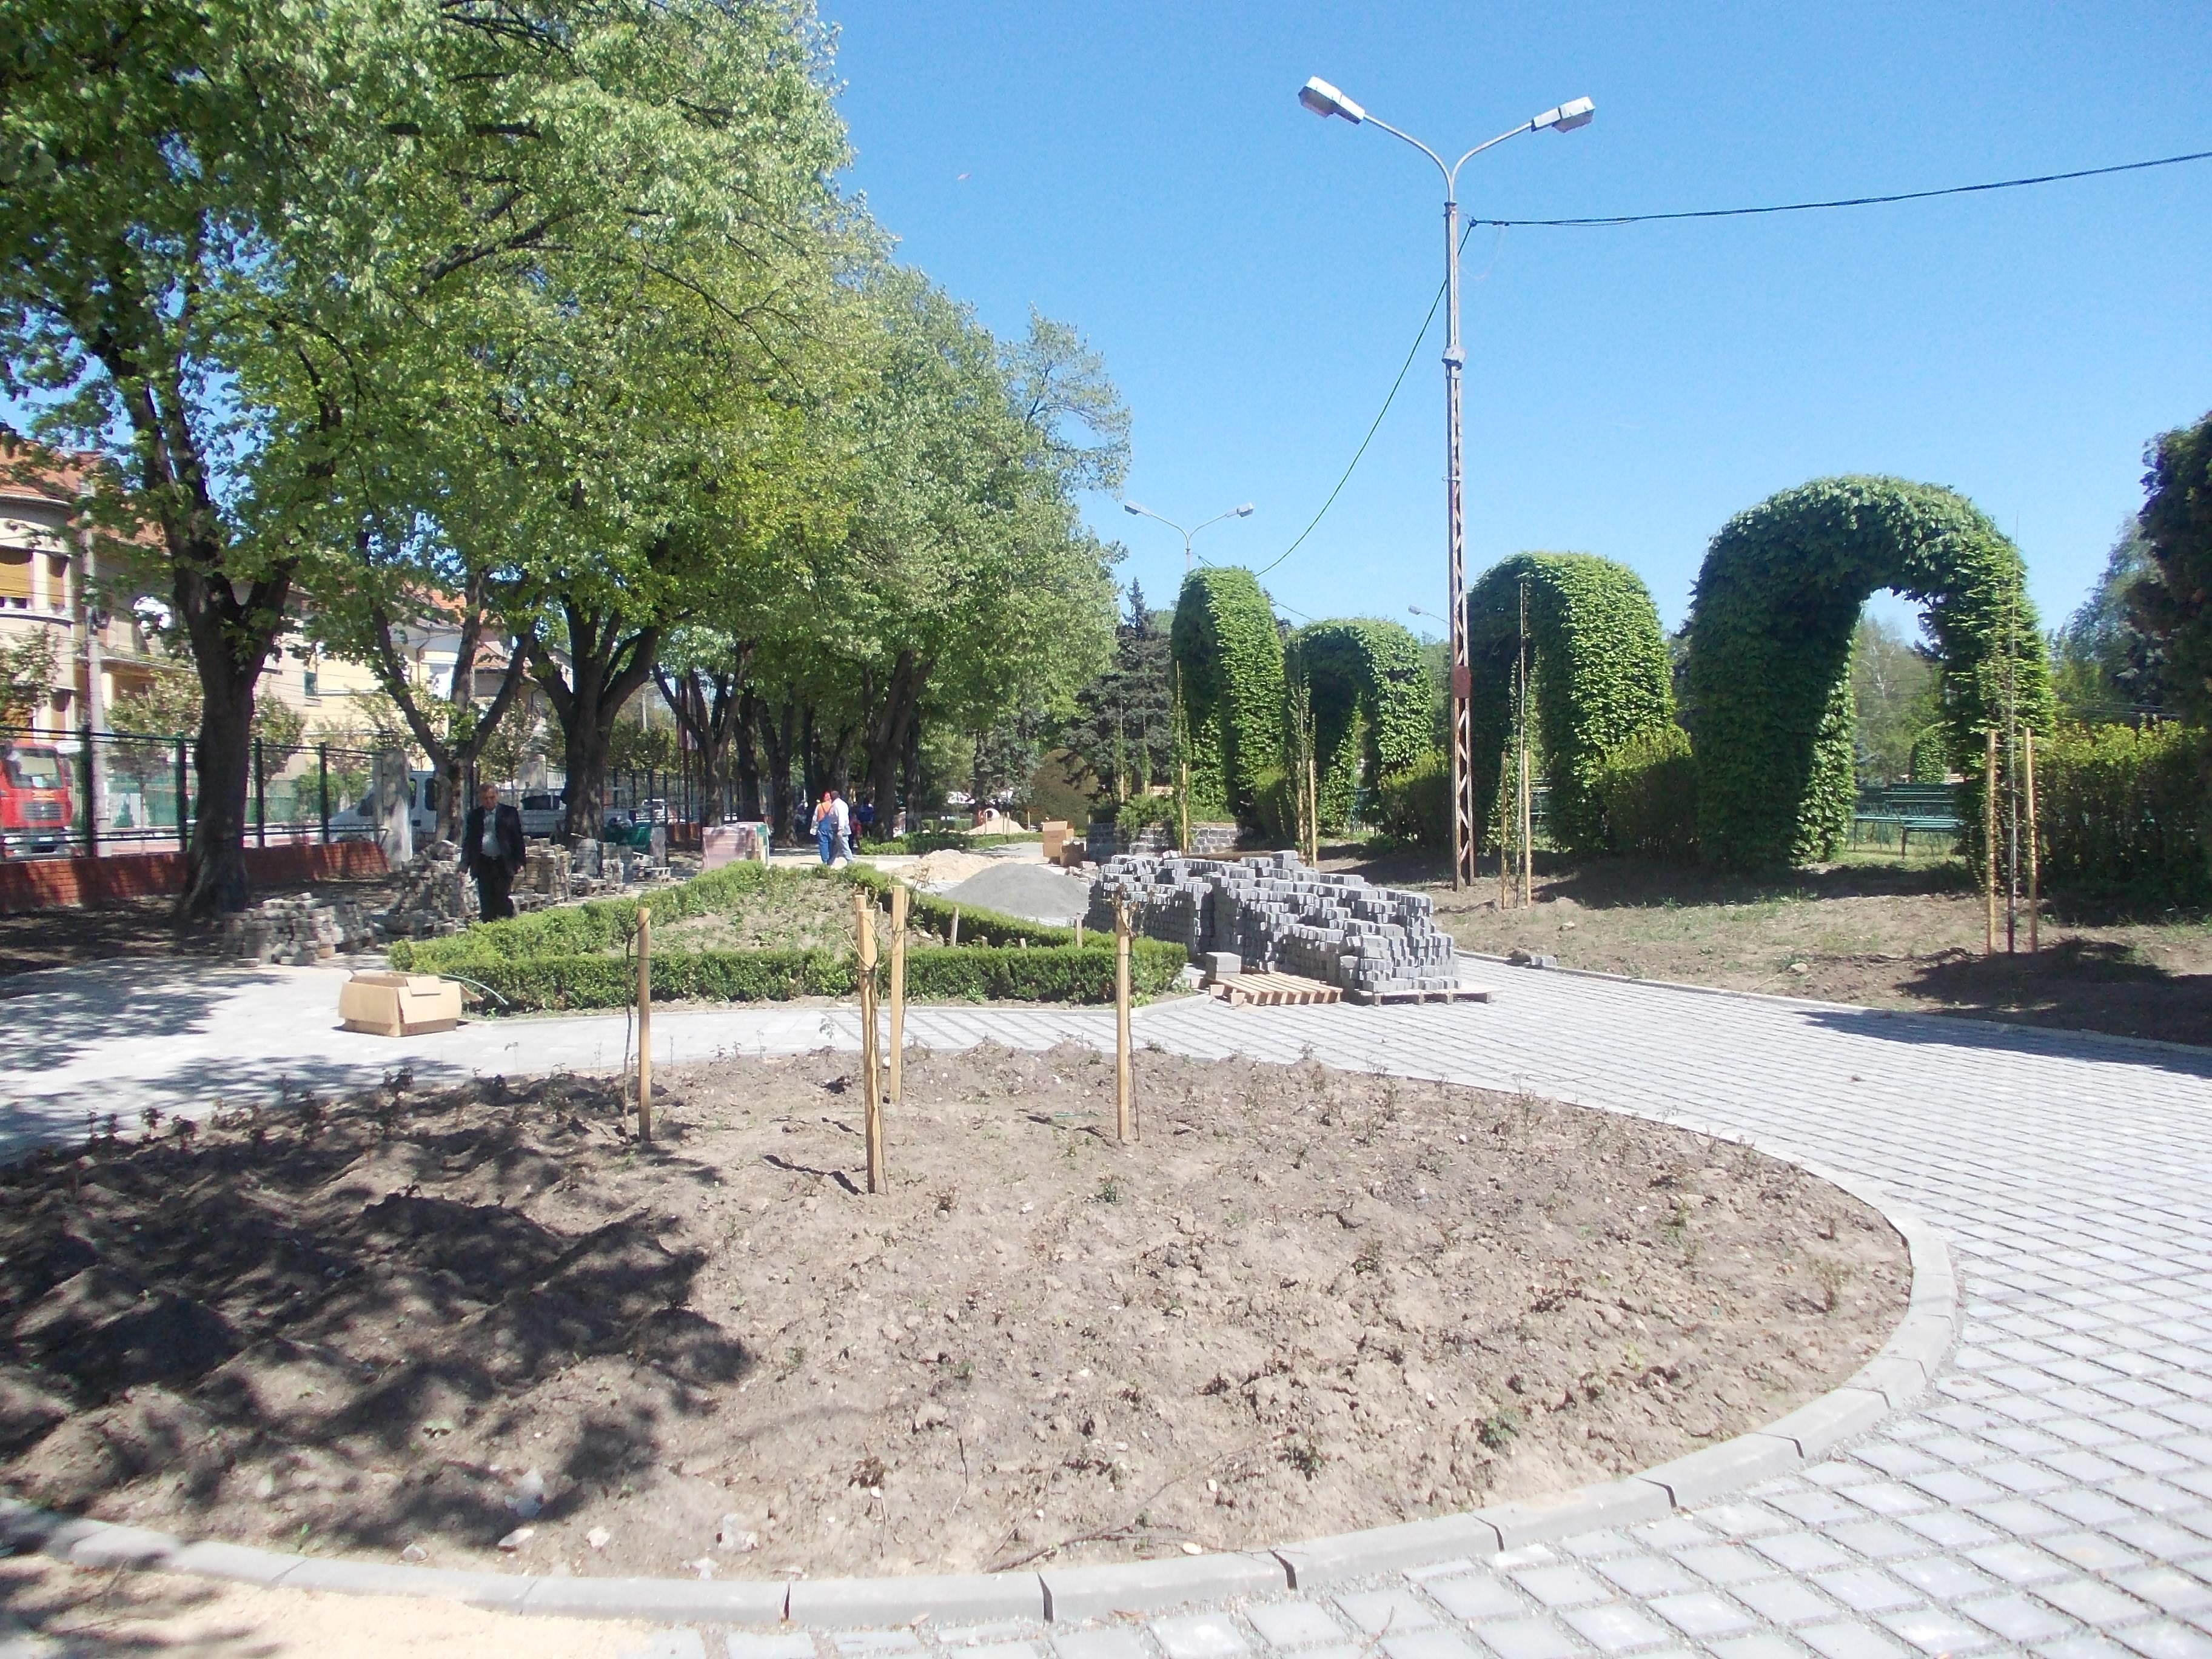 Dupa ce a fost inchis timp de un an, pentru modernizari, Parcul Rozelor si-a redeschis portile